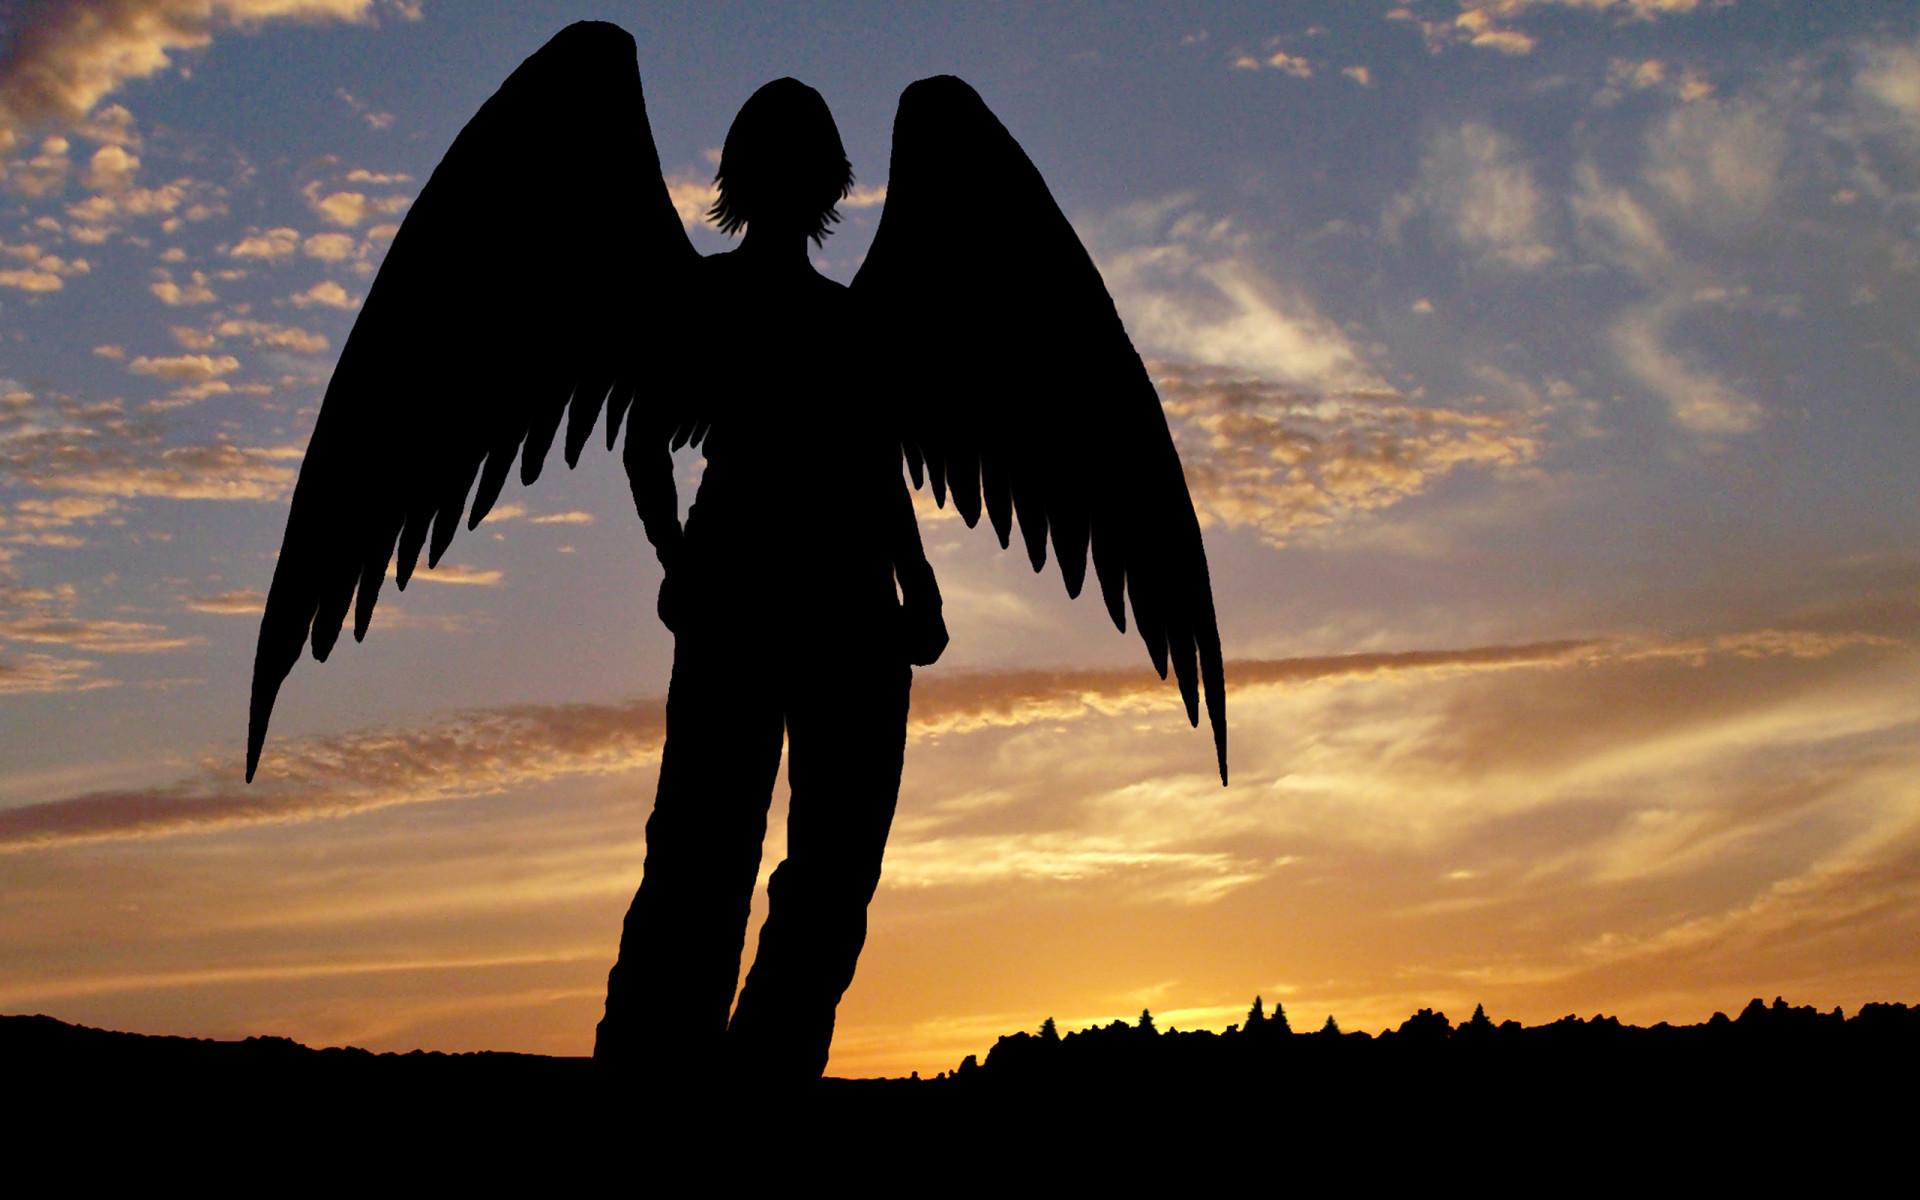 картинки для аватар ангел хорошо, что остальные